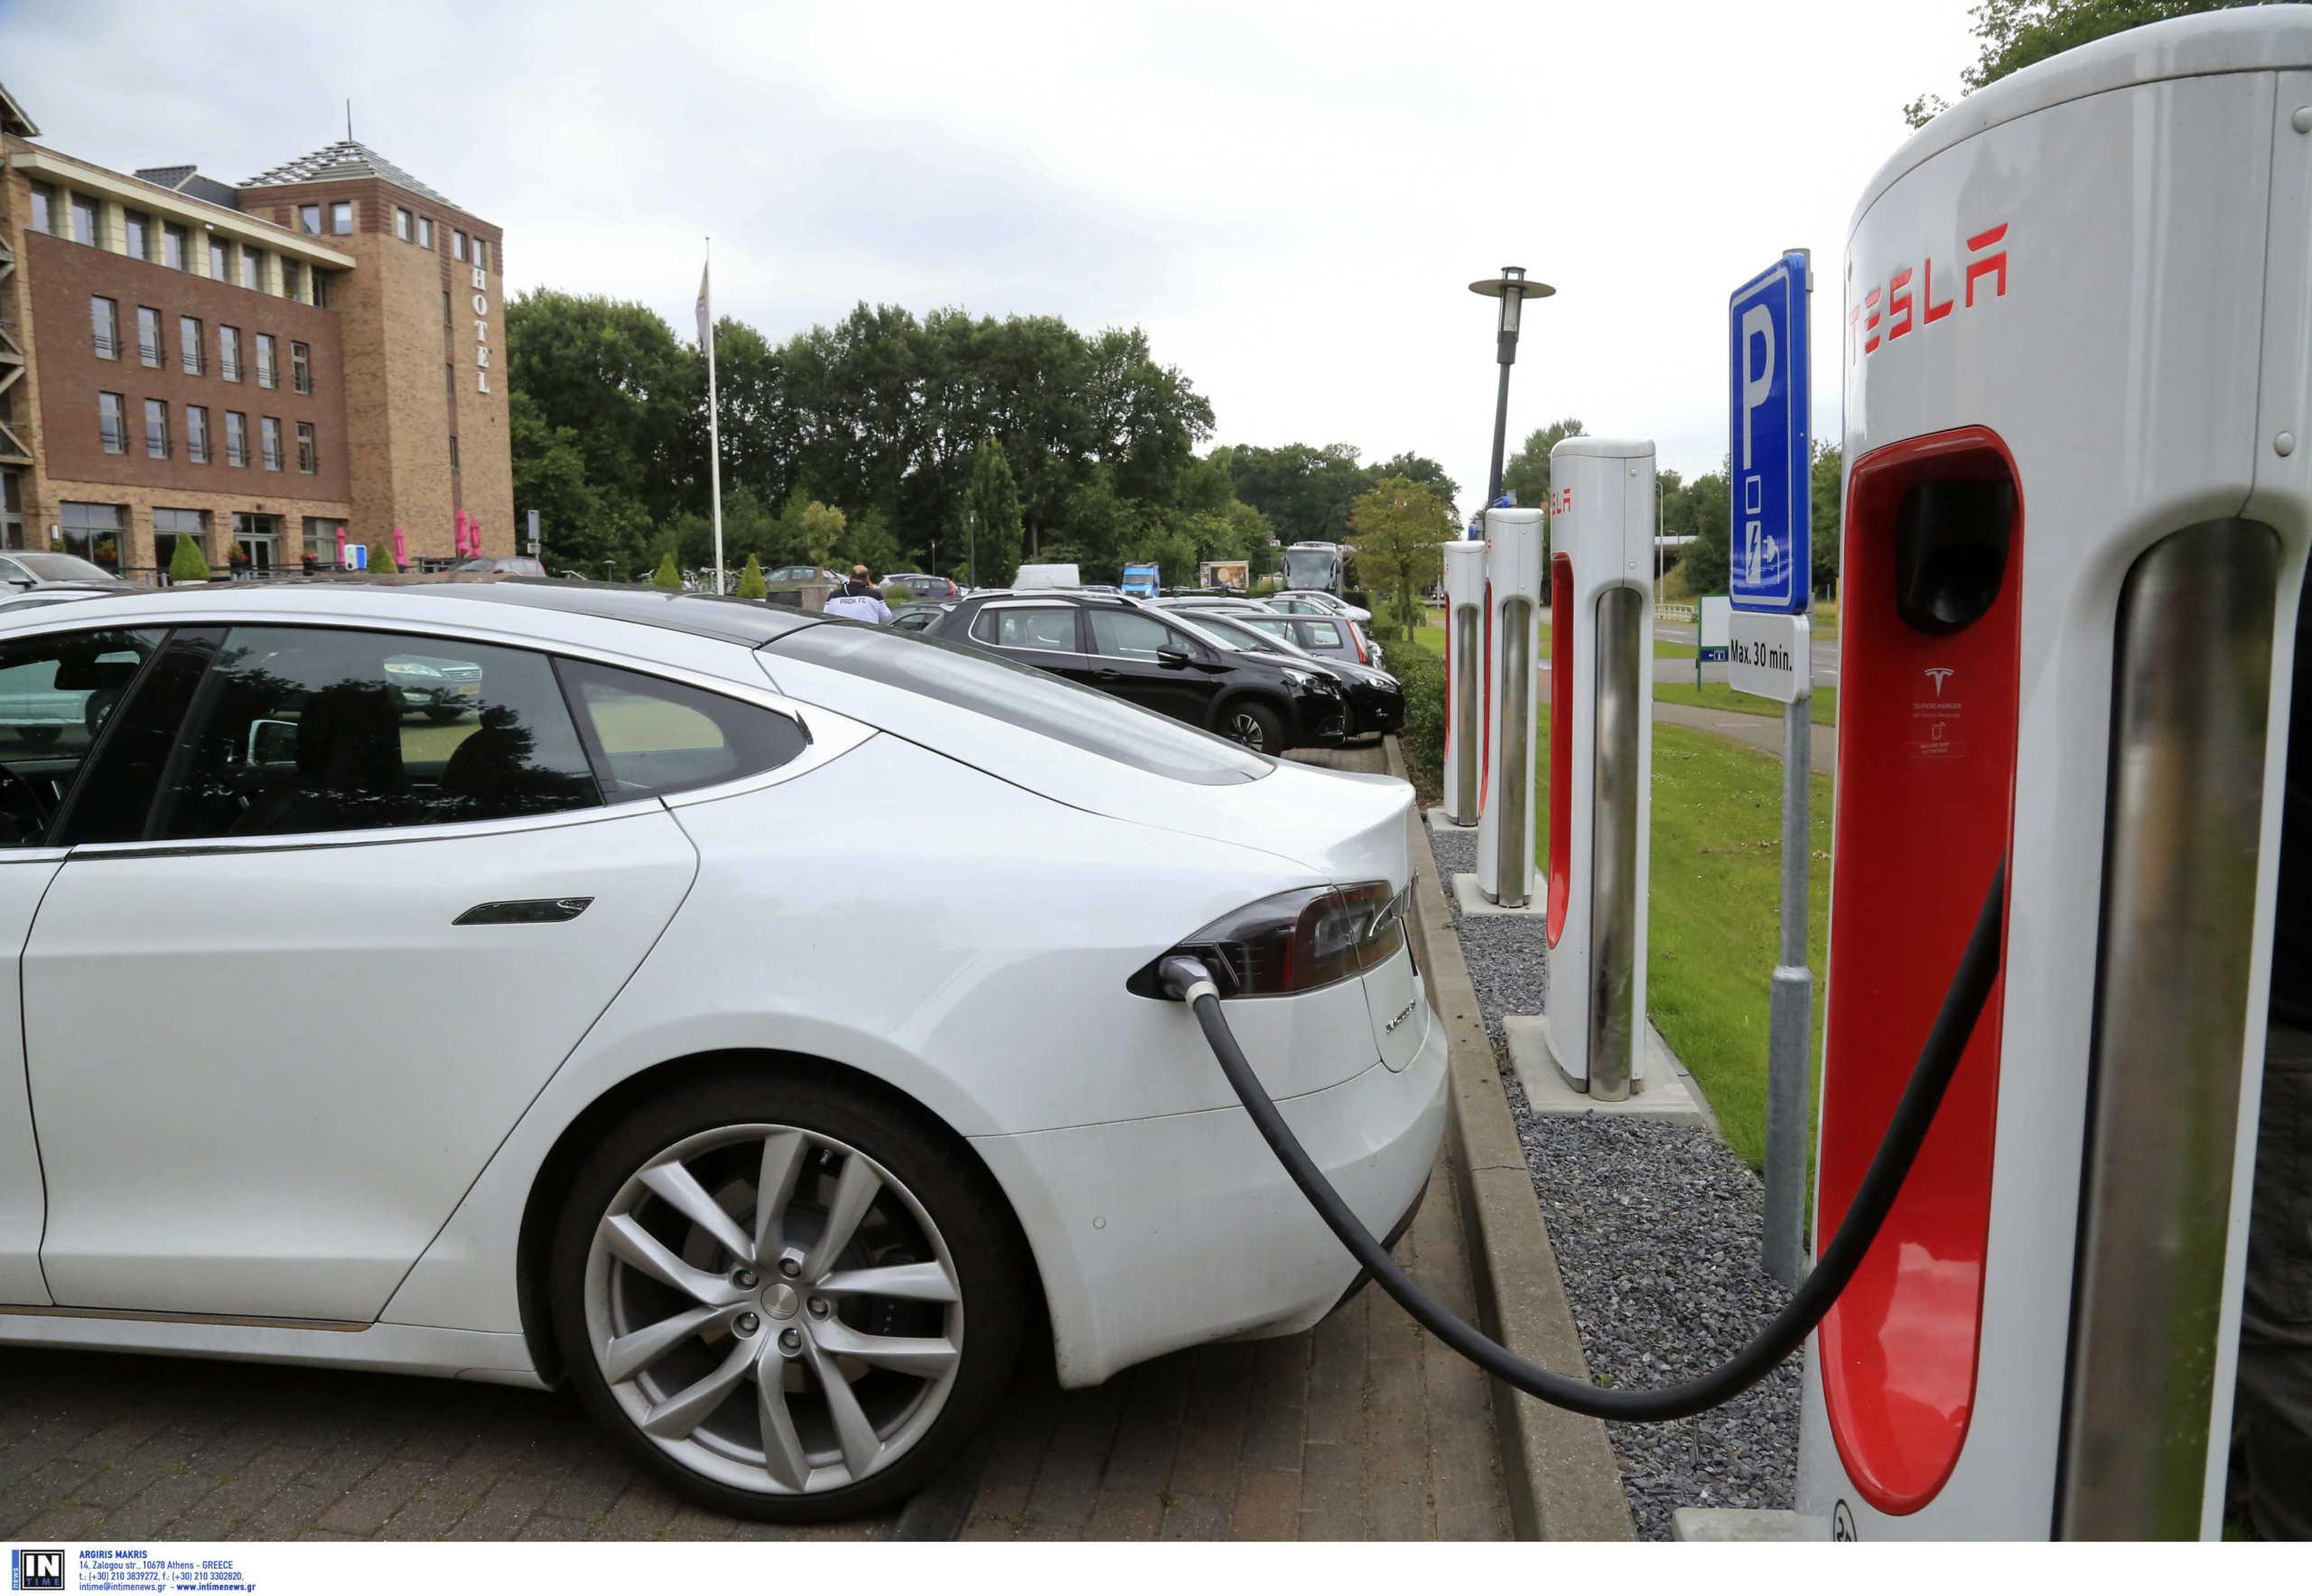 Ηλεκτρικά αυτοκίνητα: Στις 24 Αυγούστου ανοίγει η ειδική πλατφόρμα